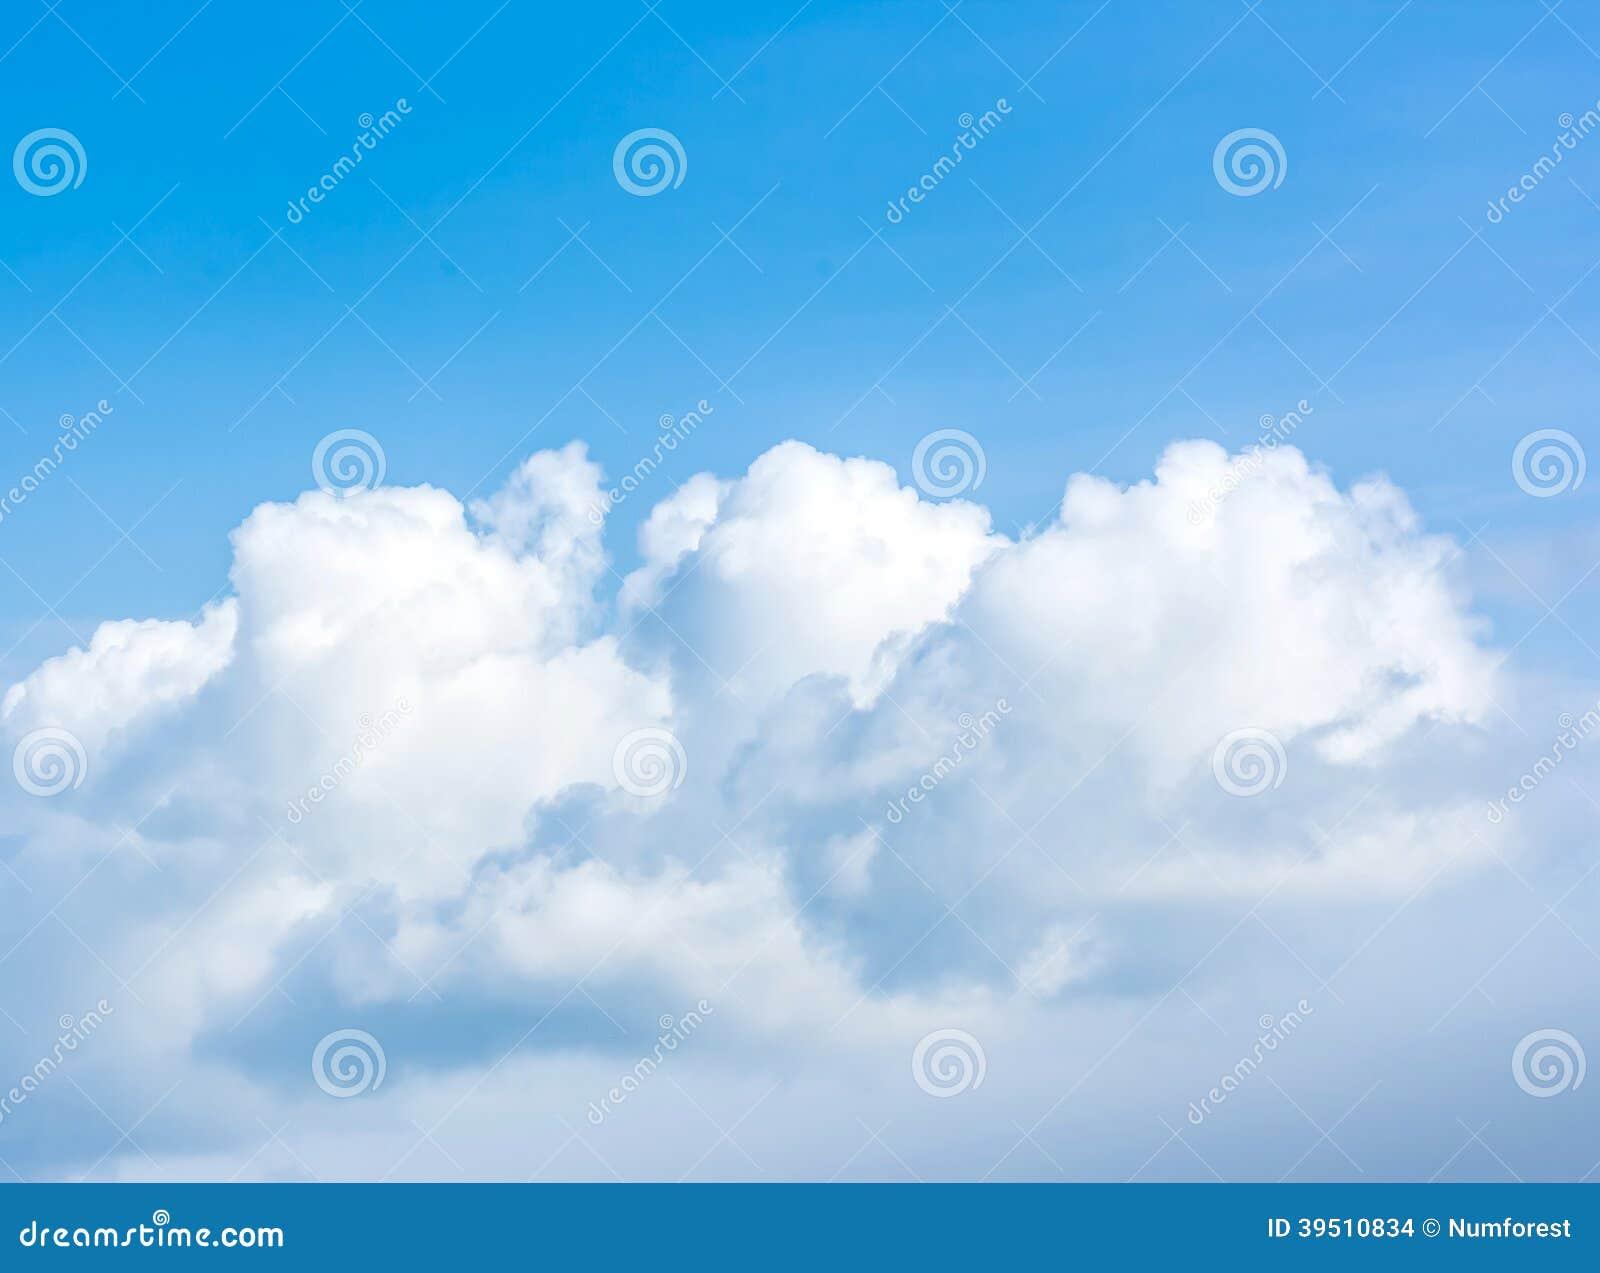 Beauty cloud